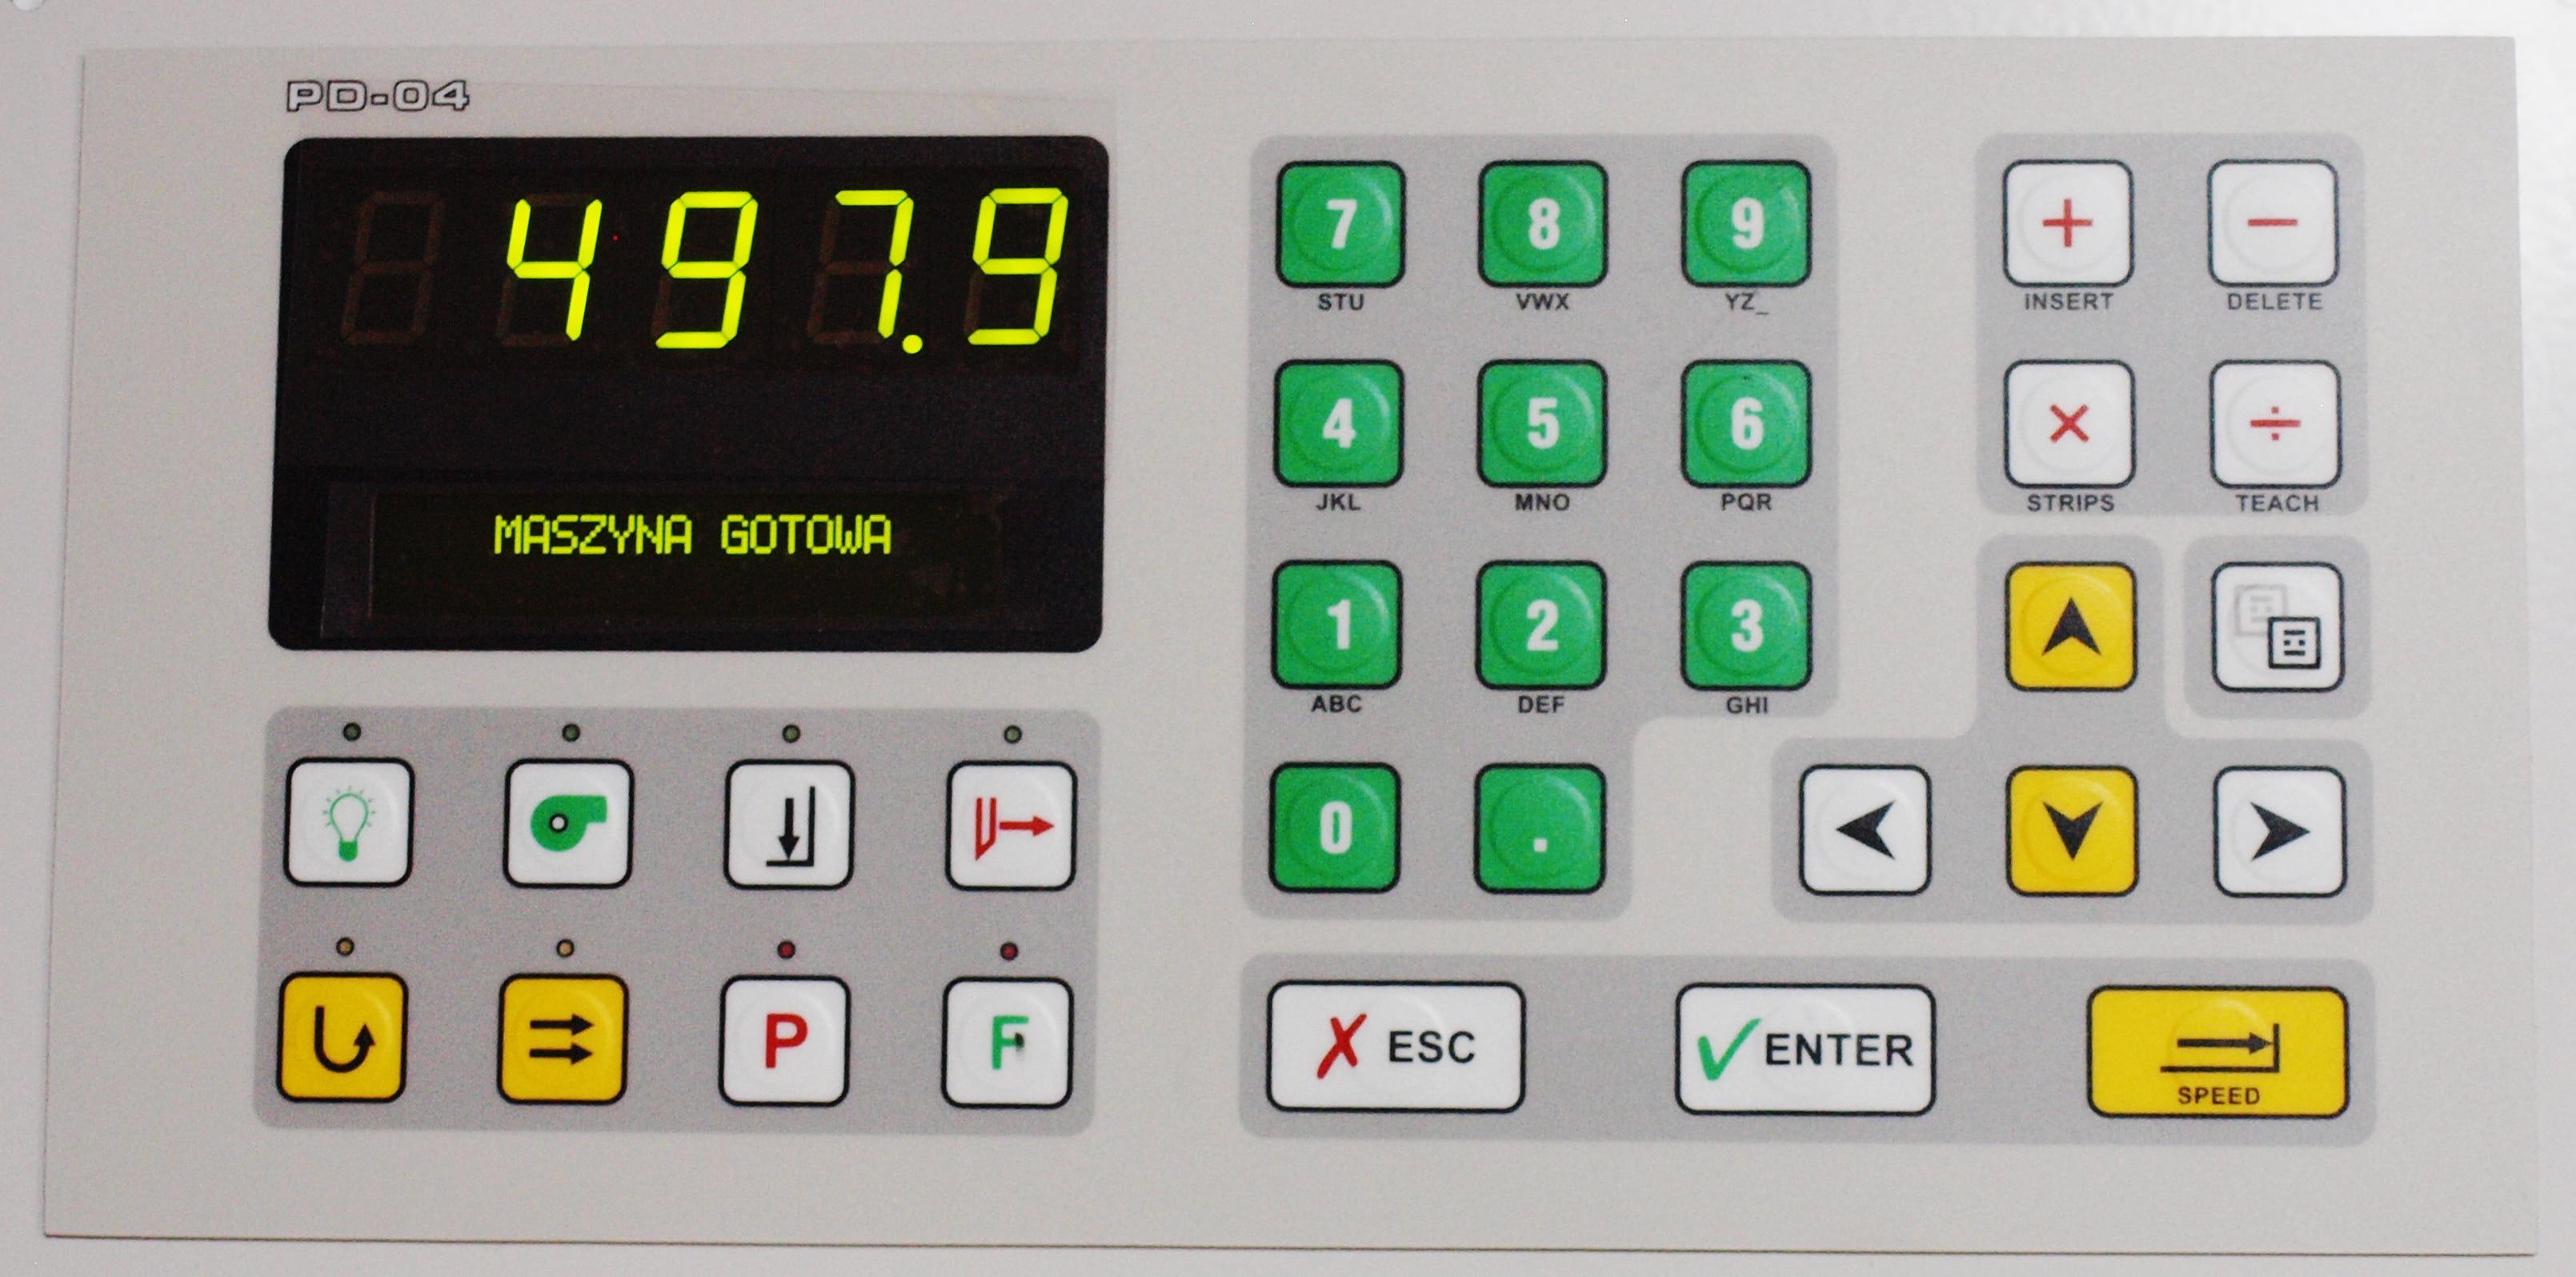 Programator dosuwu PD-04